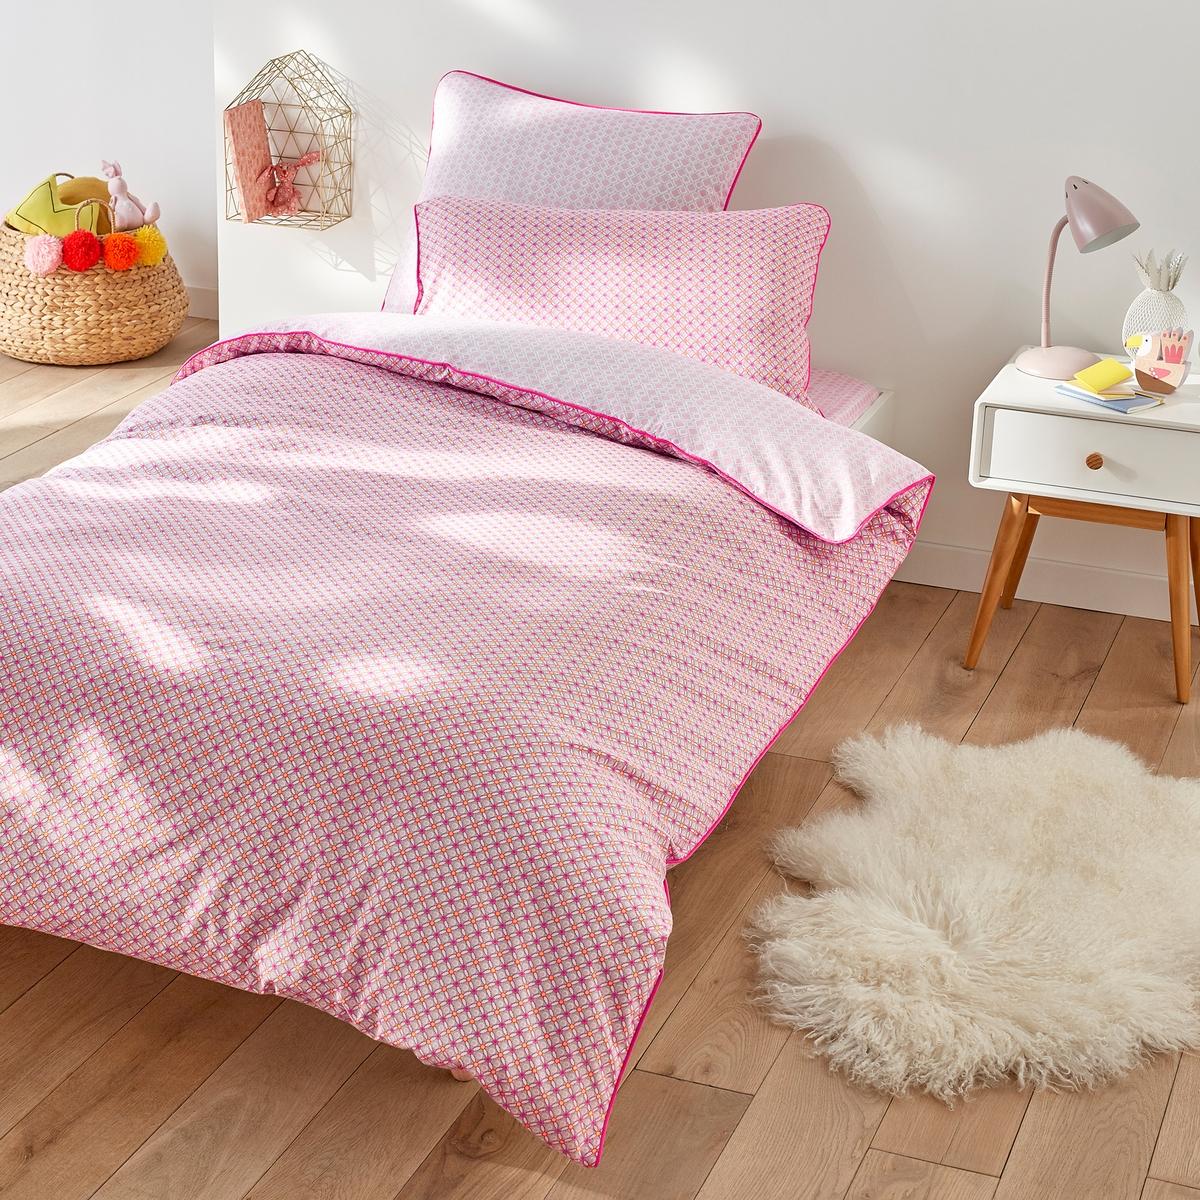 купить Пододеяльник La Redoute хлопка Lioubia 200 x 200 см розовый онлайн